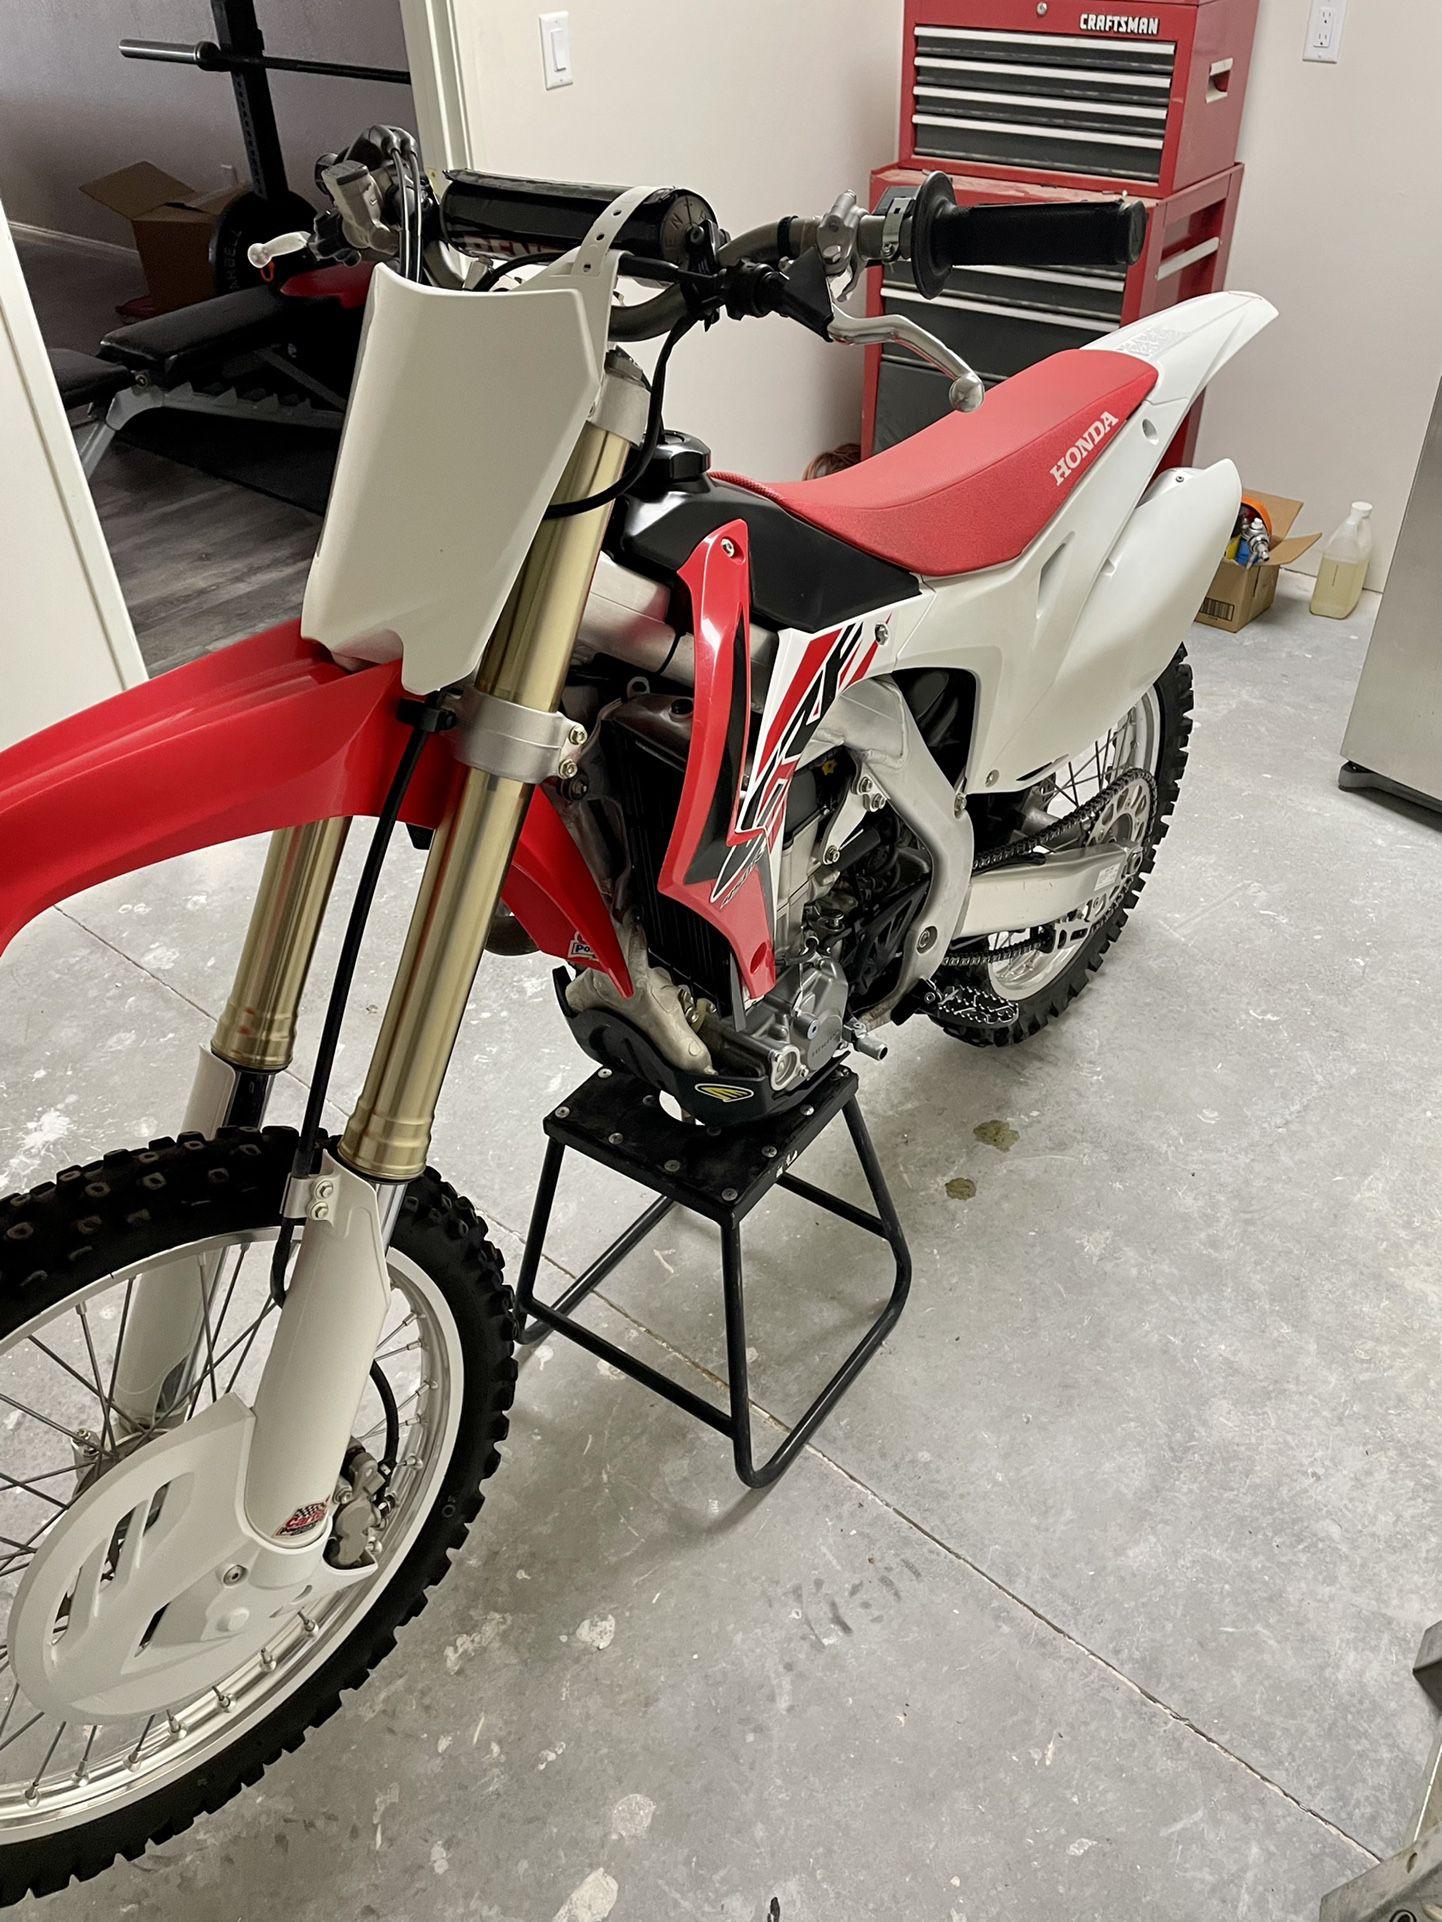 2016 Honda CRF450R Stock Dirt Bike